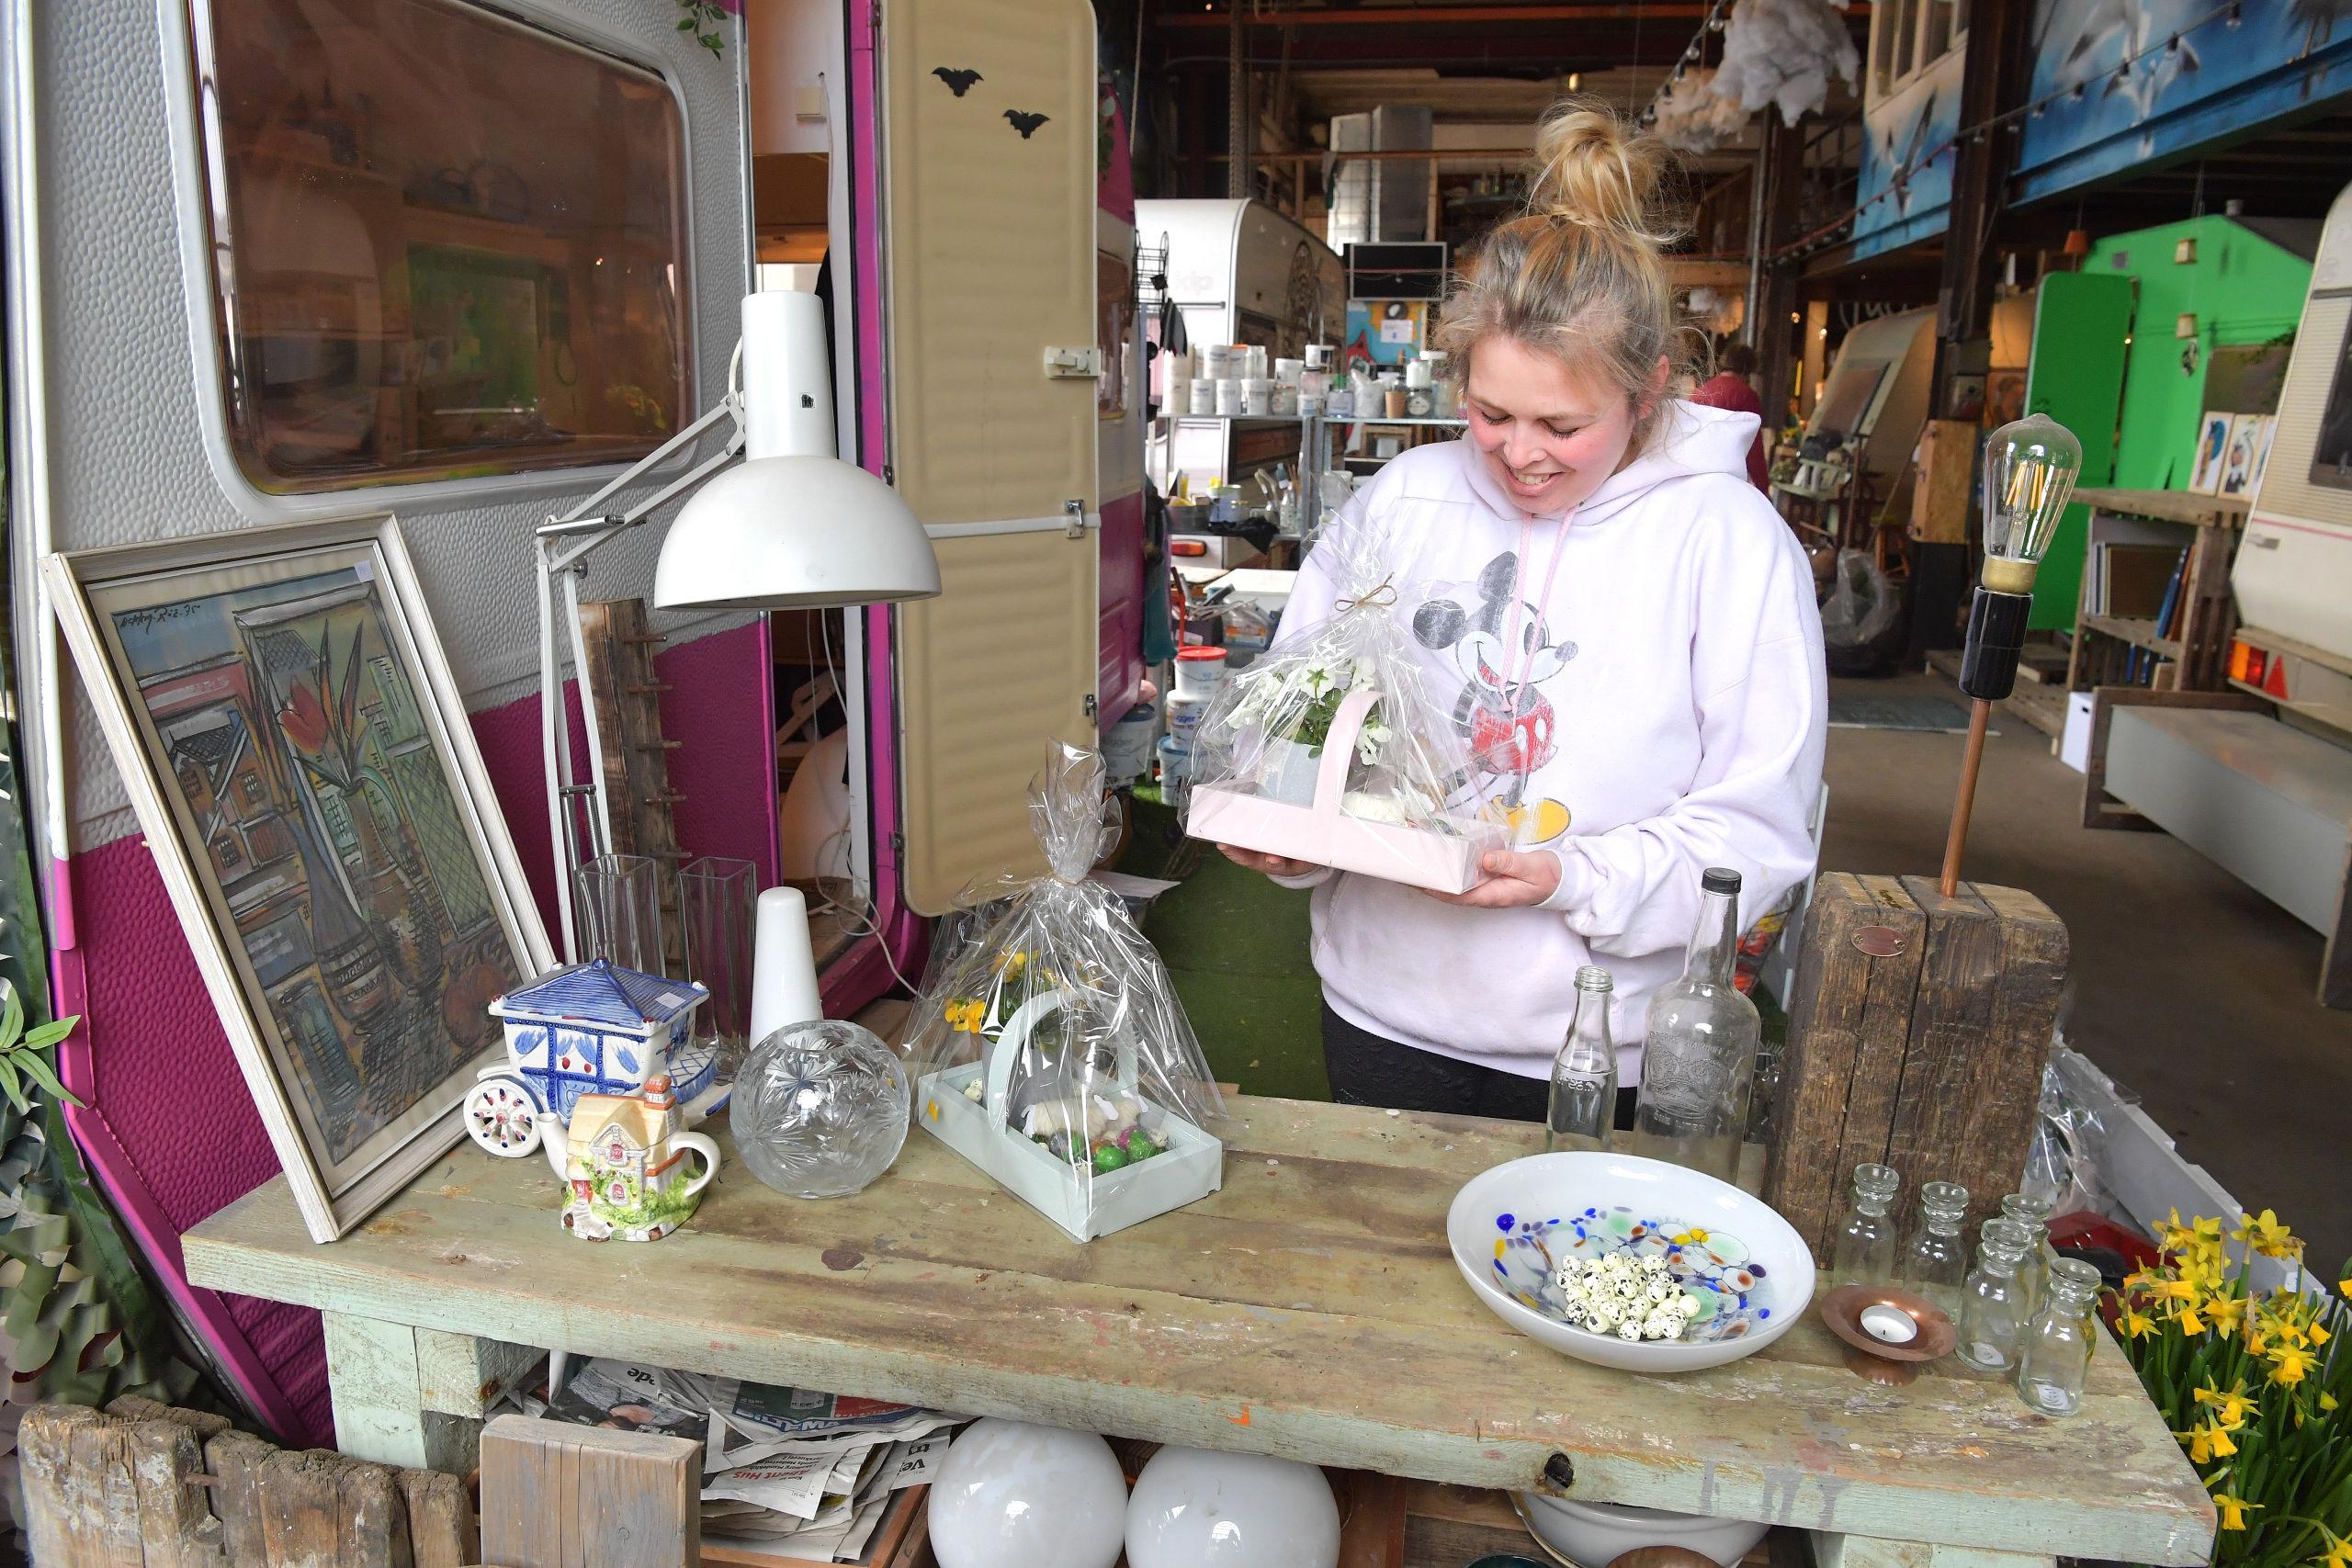 Tager forskud på påsken: Urban City holder marked og æggejagt